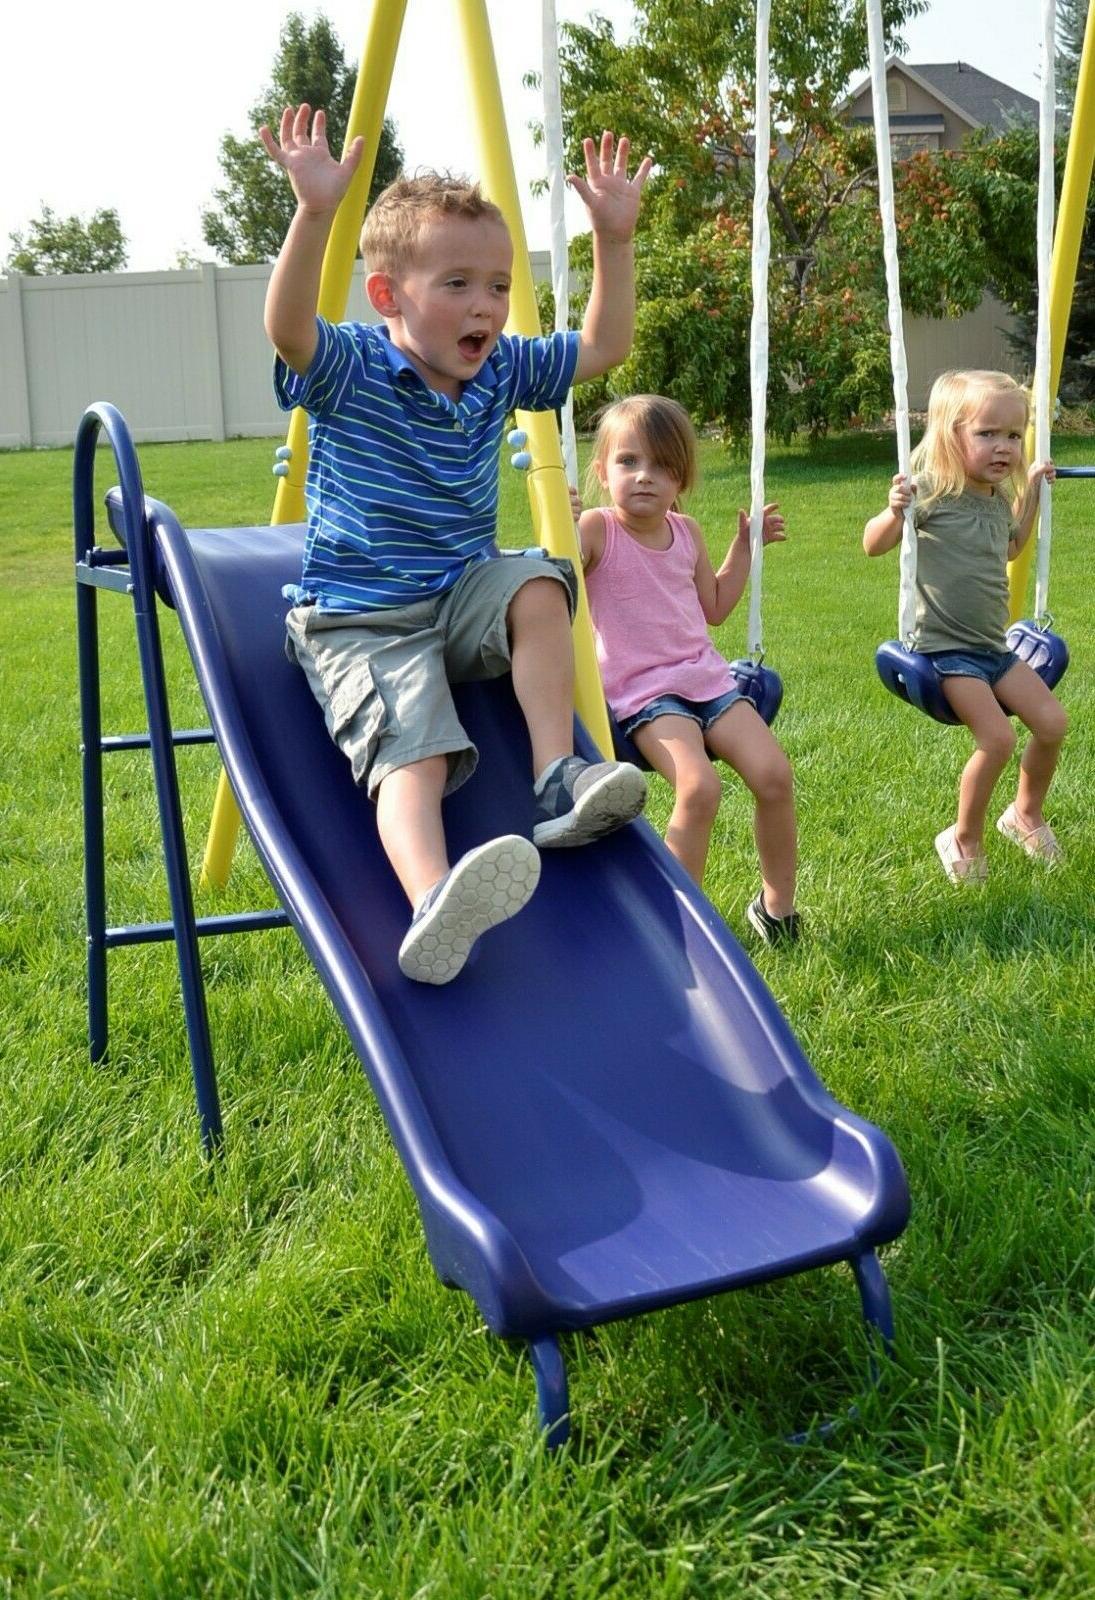 Fun Metal Swing Set Kids Playground Slide Outdoor